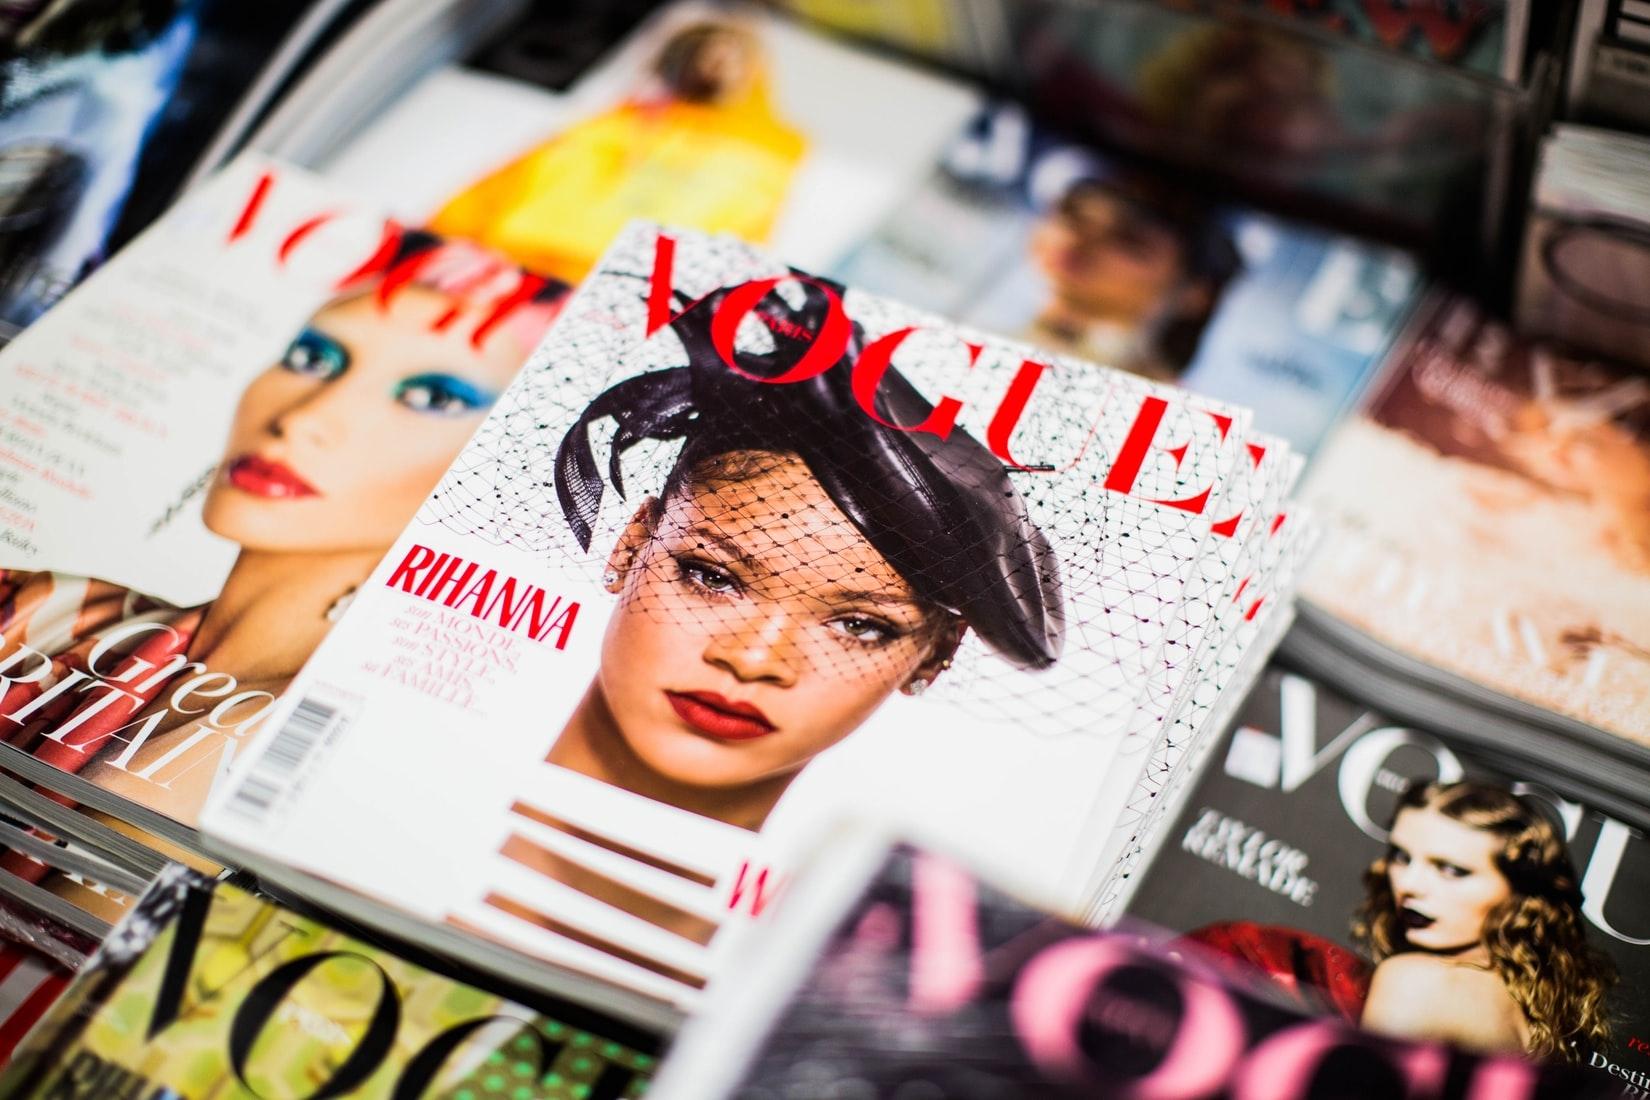 ファッション雑誌にこだわりたいな